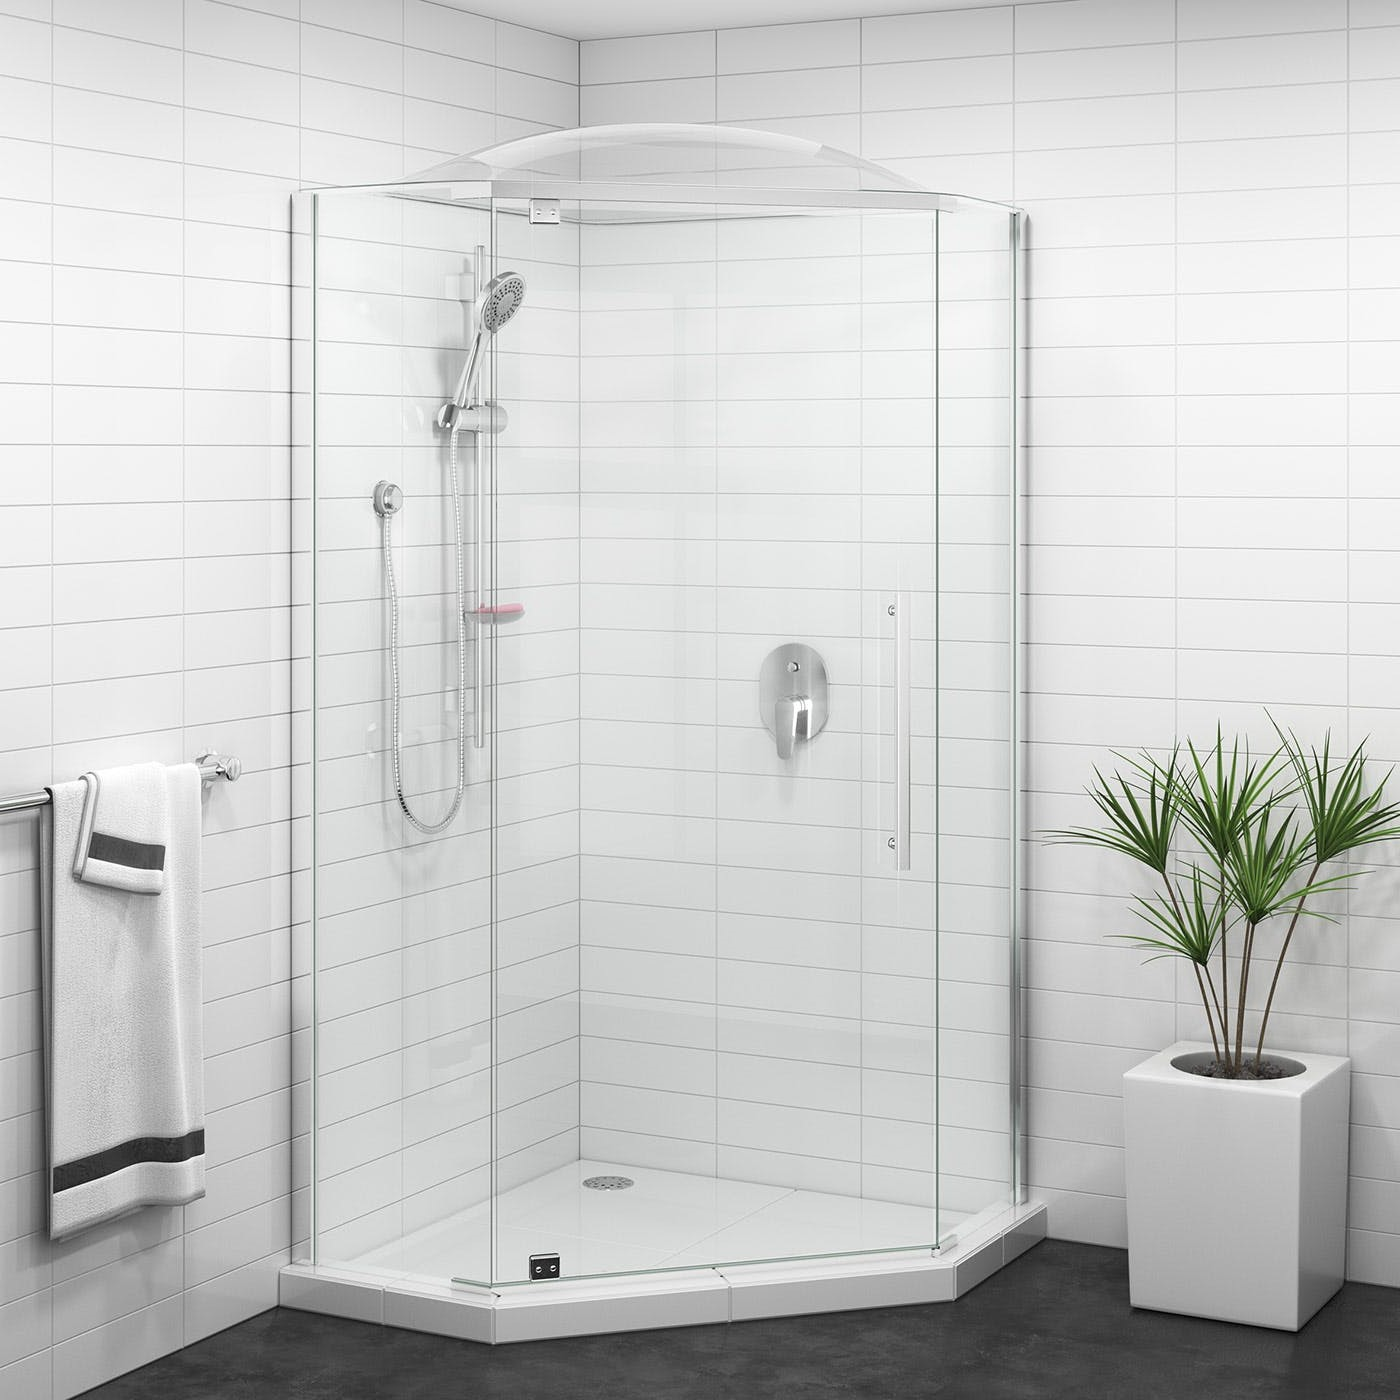 La douchette est le choix idéal pour votre salle de bains.